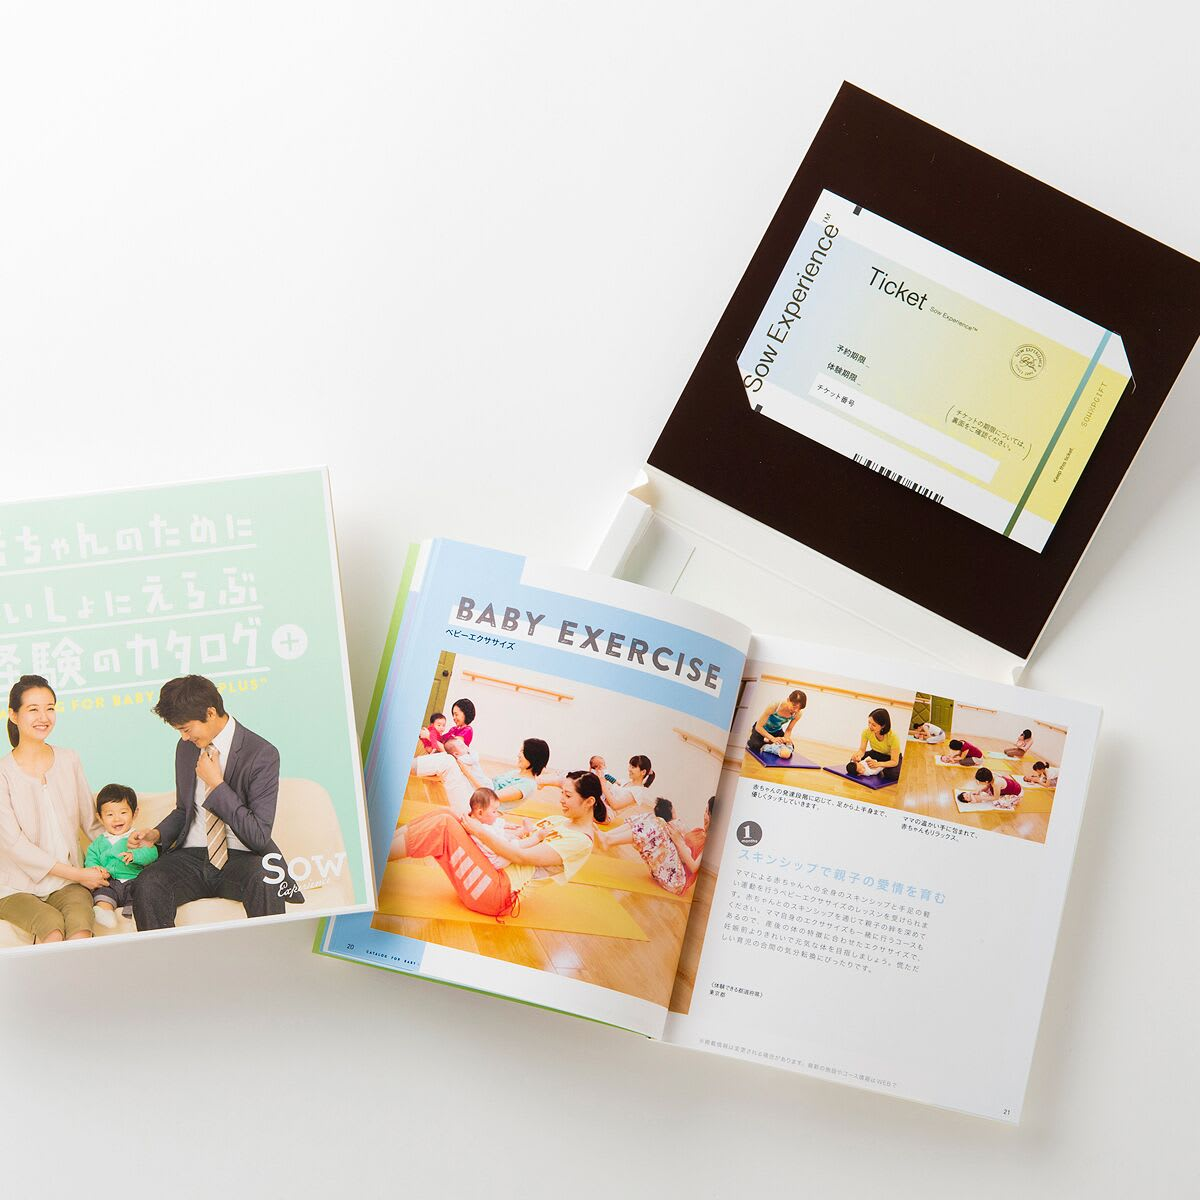 体験ギフト・赤ちゃんのためにさいしょにえらぶ経験のカタログ/CATALOG FOR BABY PLUS ガイドブックとチケットをセットしオリジナルBOXに入れてお届け